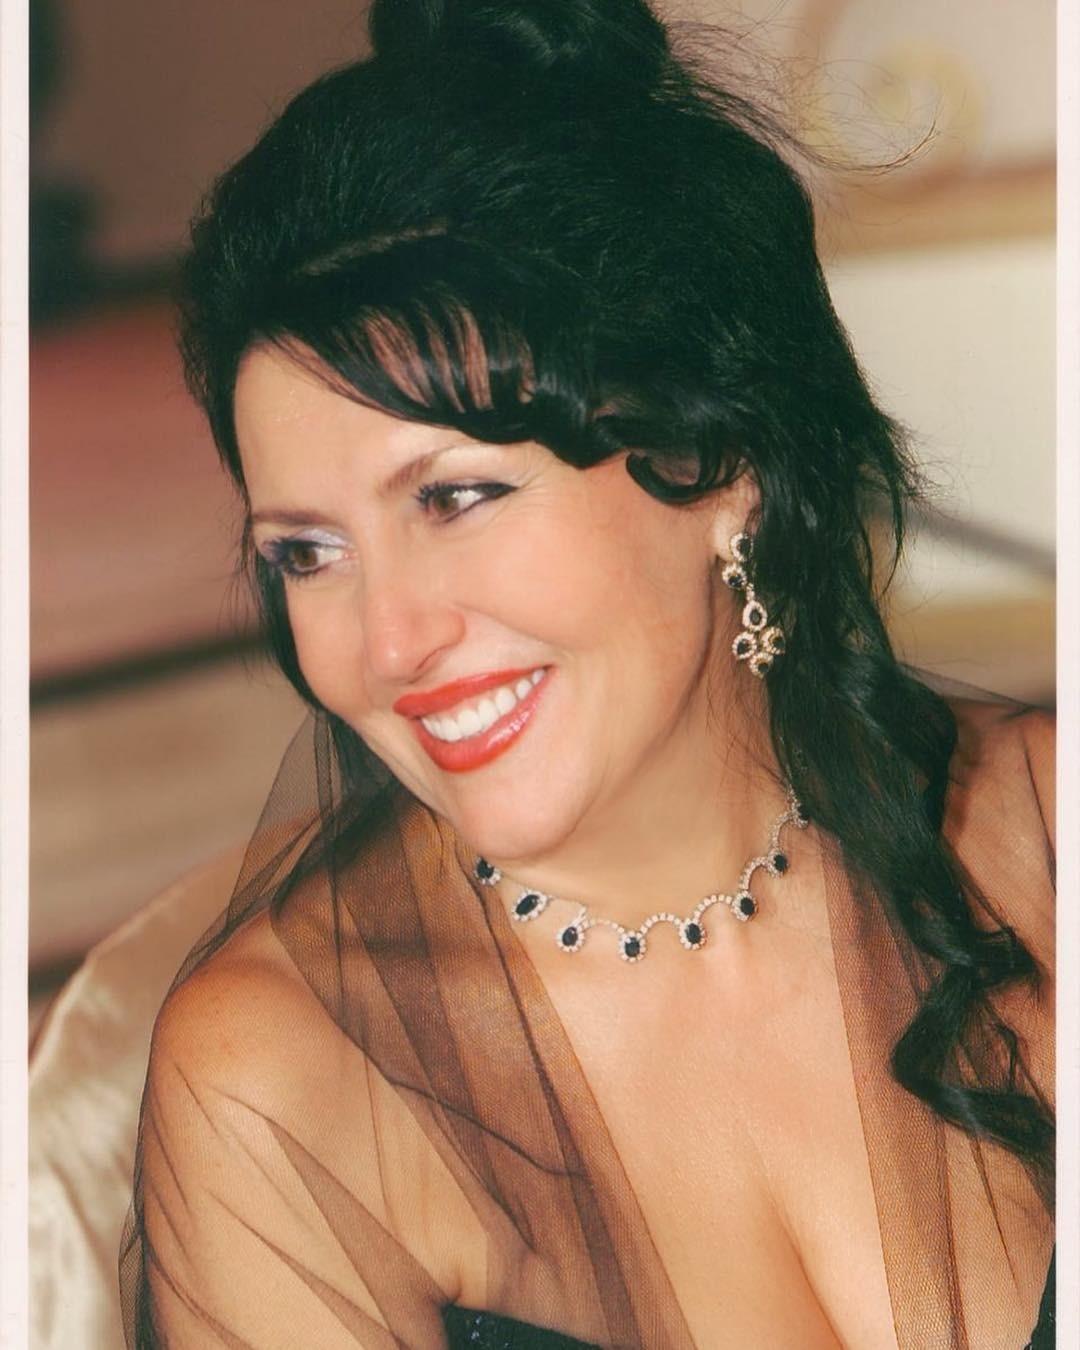 Своей маме посвятил поздравление певец Николай Басков, а также опубликовал ее снимок: «Сегодня потрясающий праздник День Мамы!!! И нет ничего дороже как её улыбка, нежность , радость в гл...